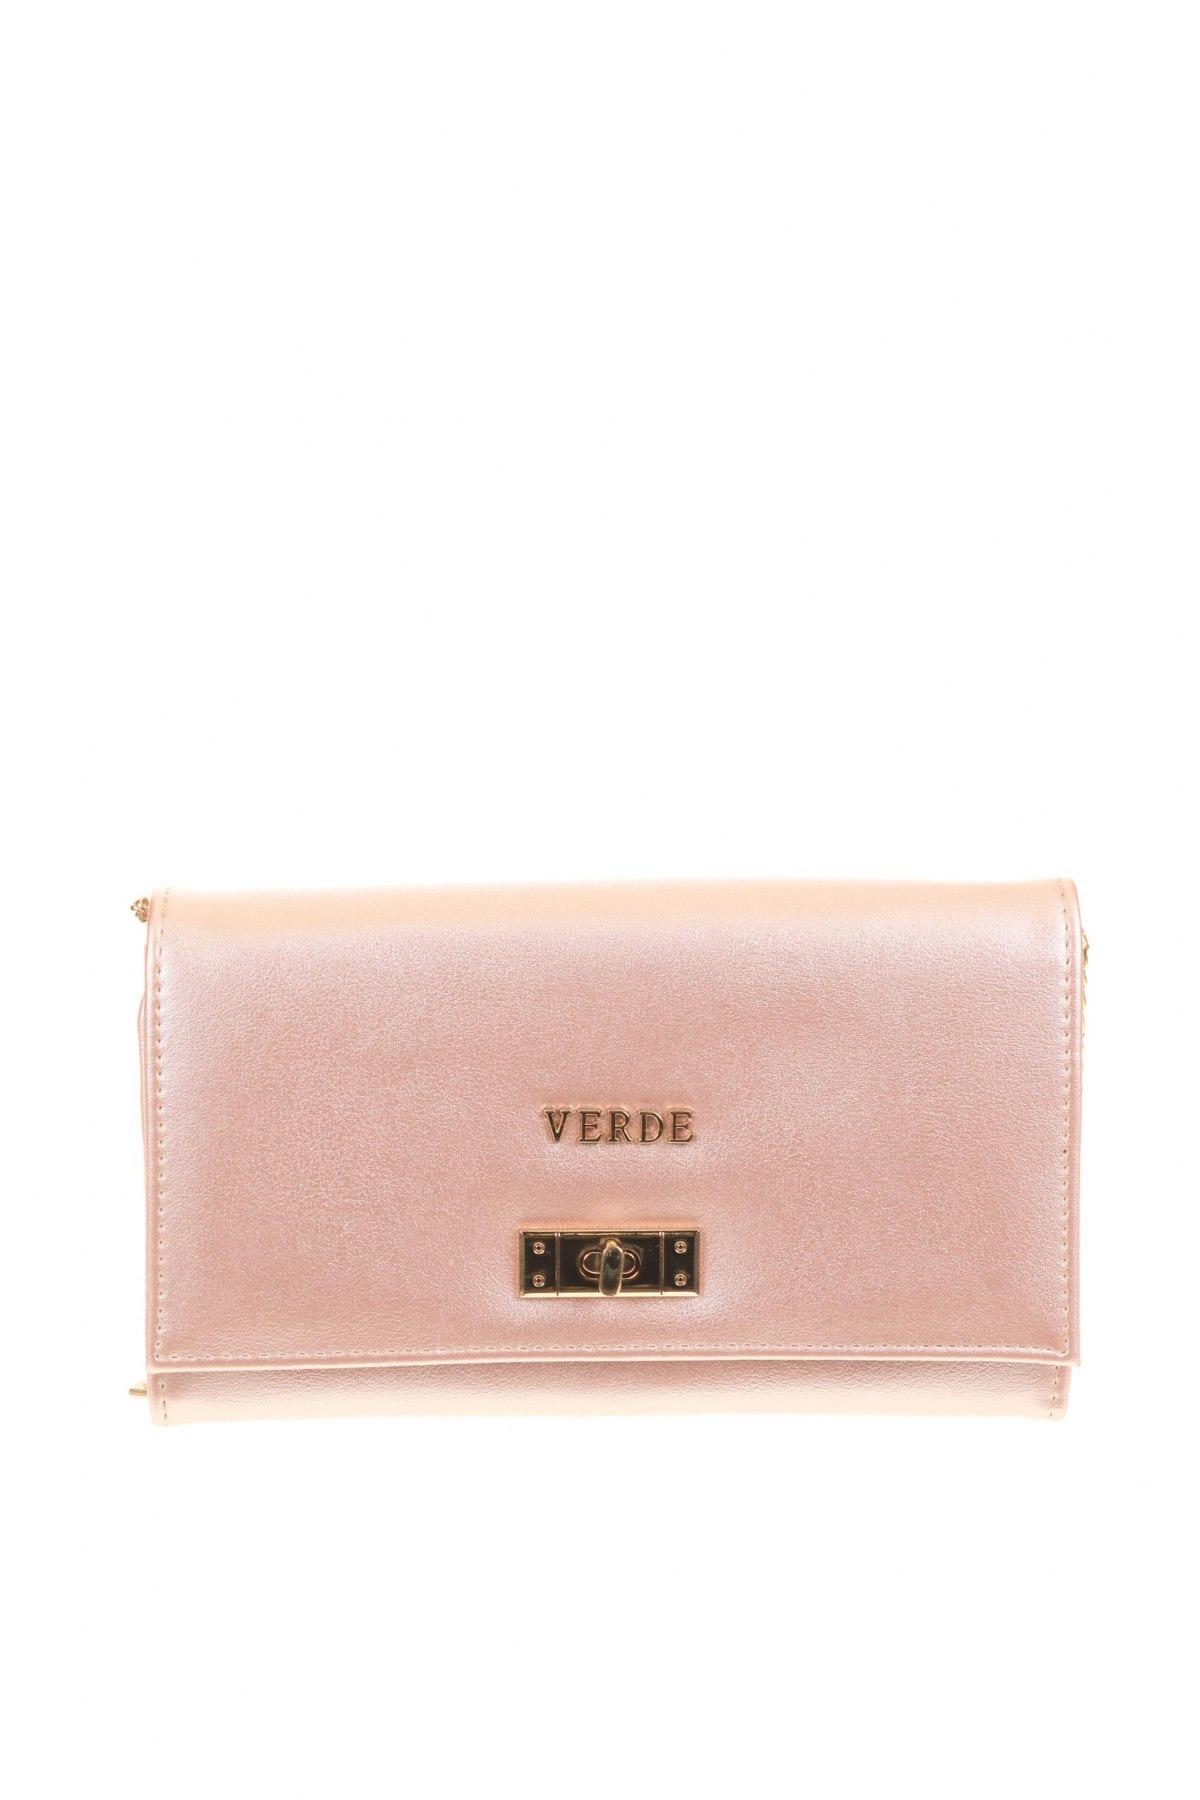 Дамска чанта Verde, Цвят Розов, Еко кожа, Цена 11,80лв.